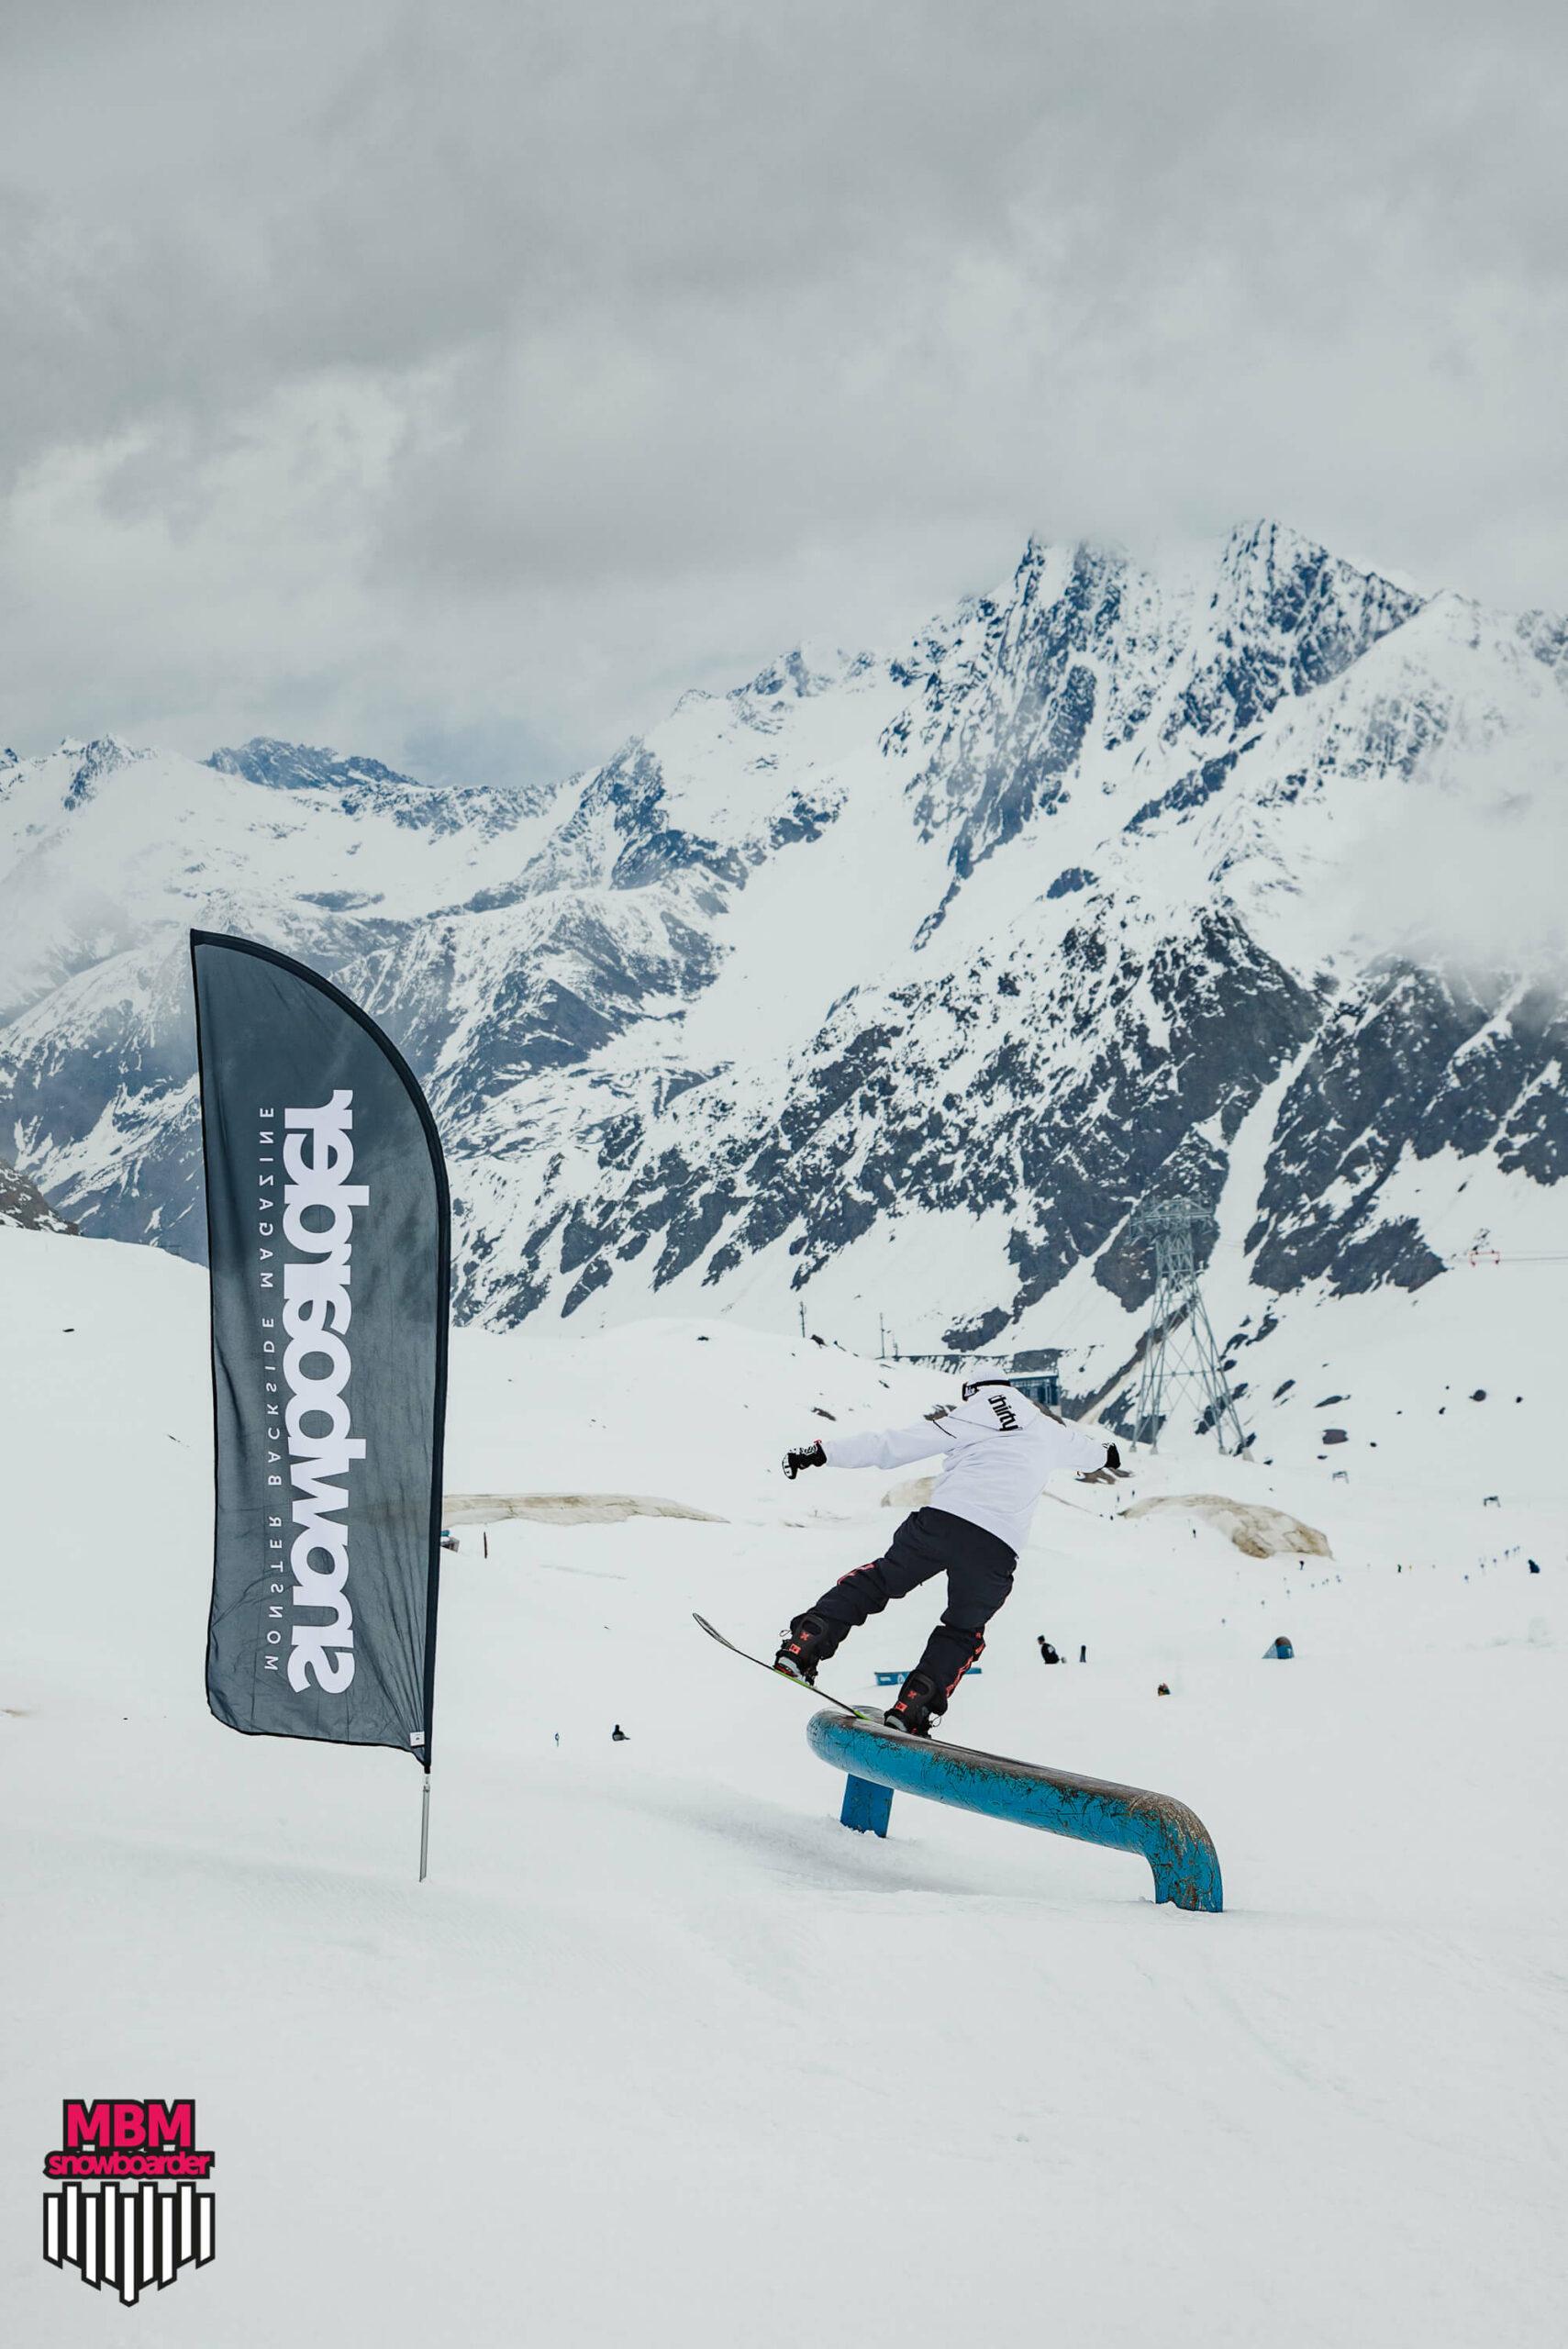 snowboarderMBM_sd_kaunertal_005